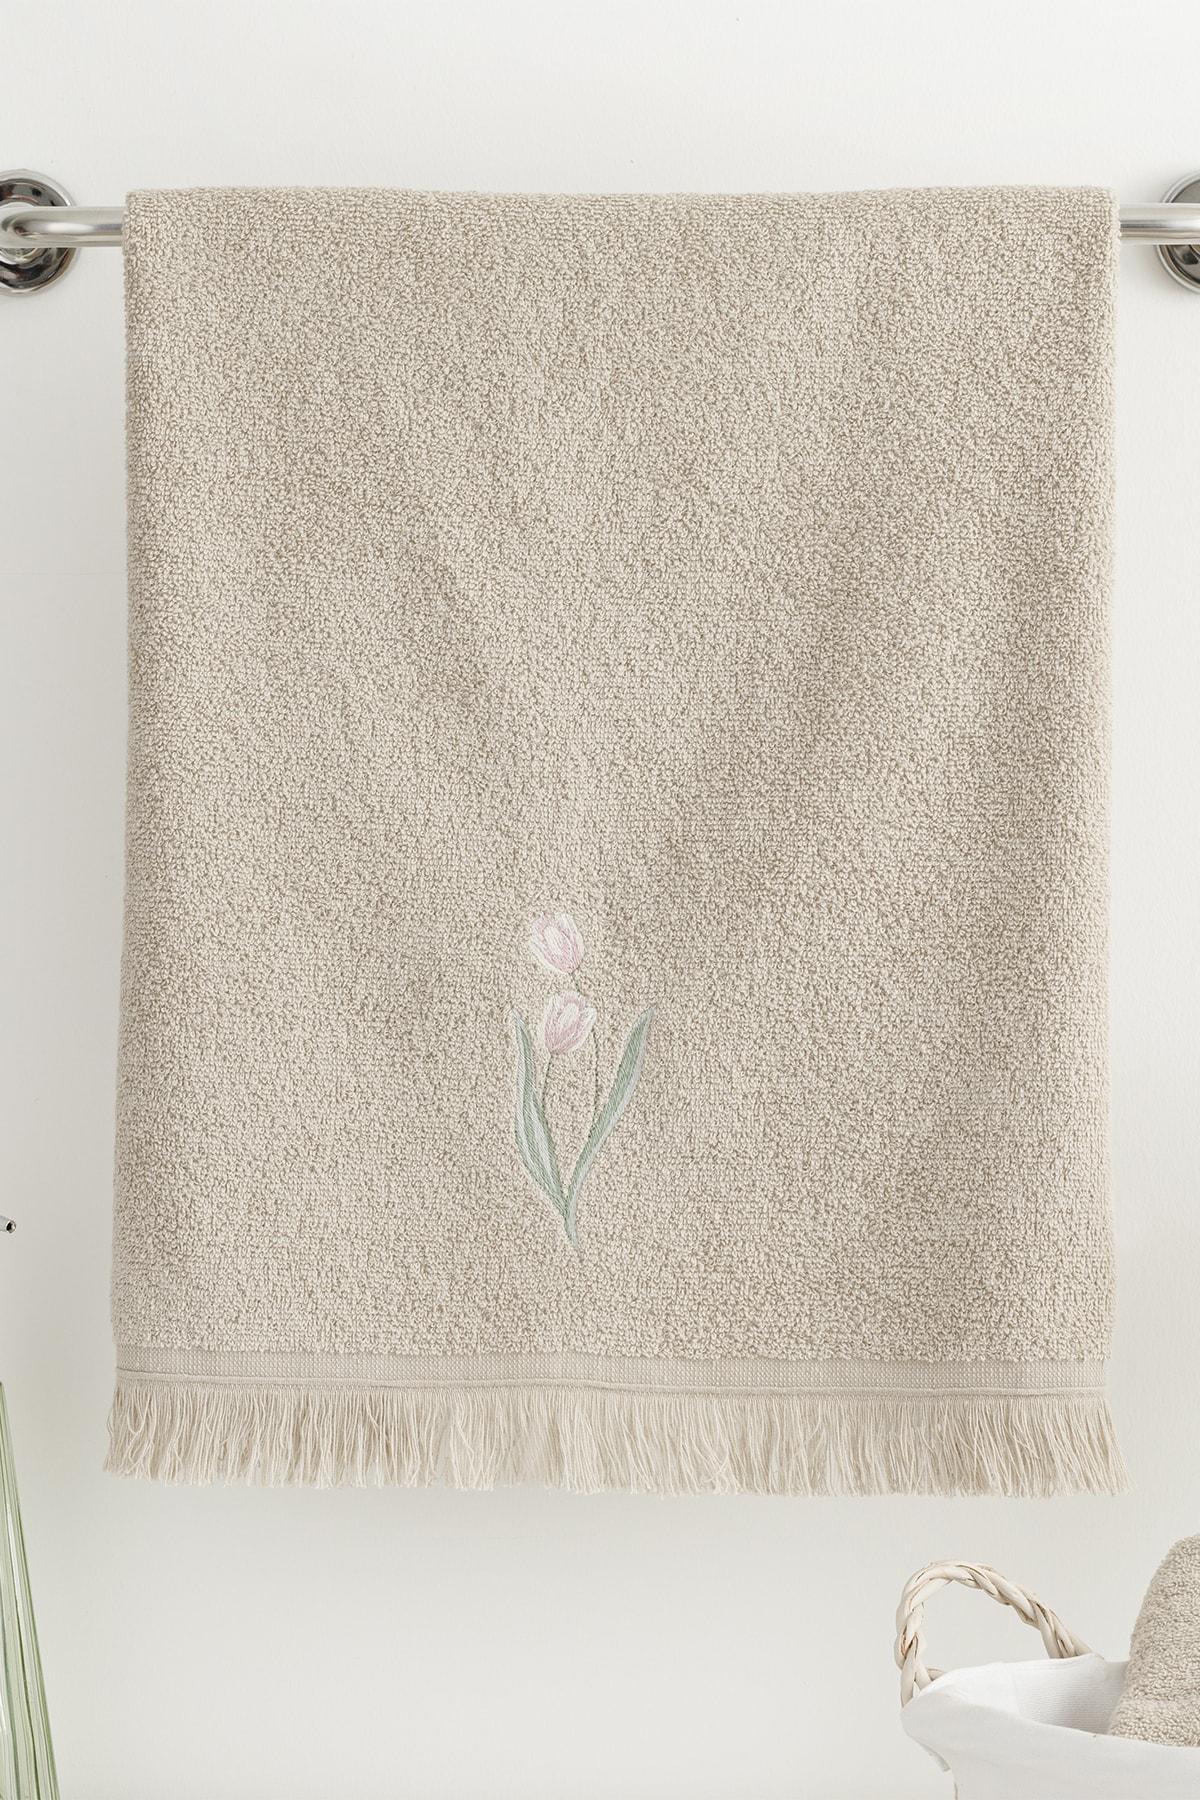 Tulip Garden Nakışlı Yüz Havlusu 50x76 Cm Koyu Bej